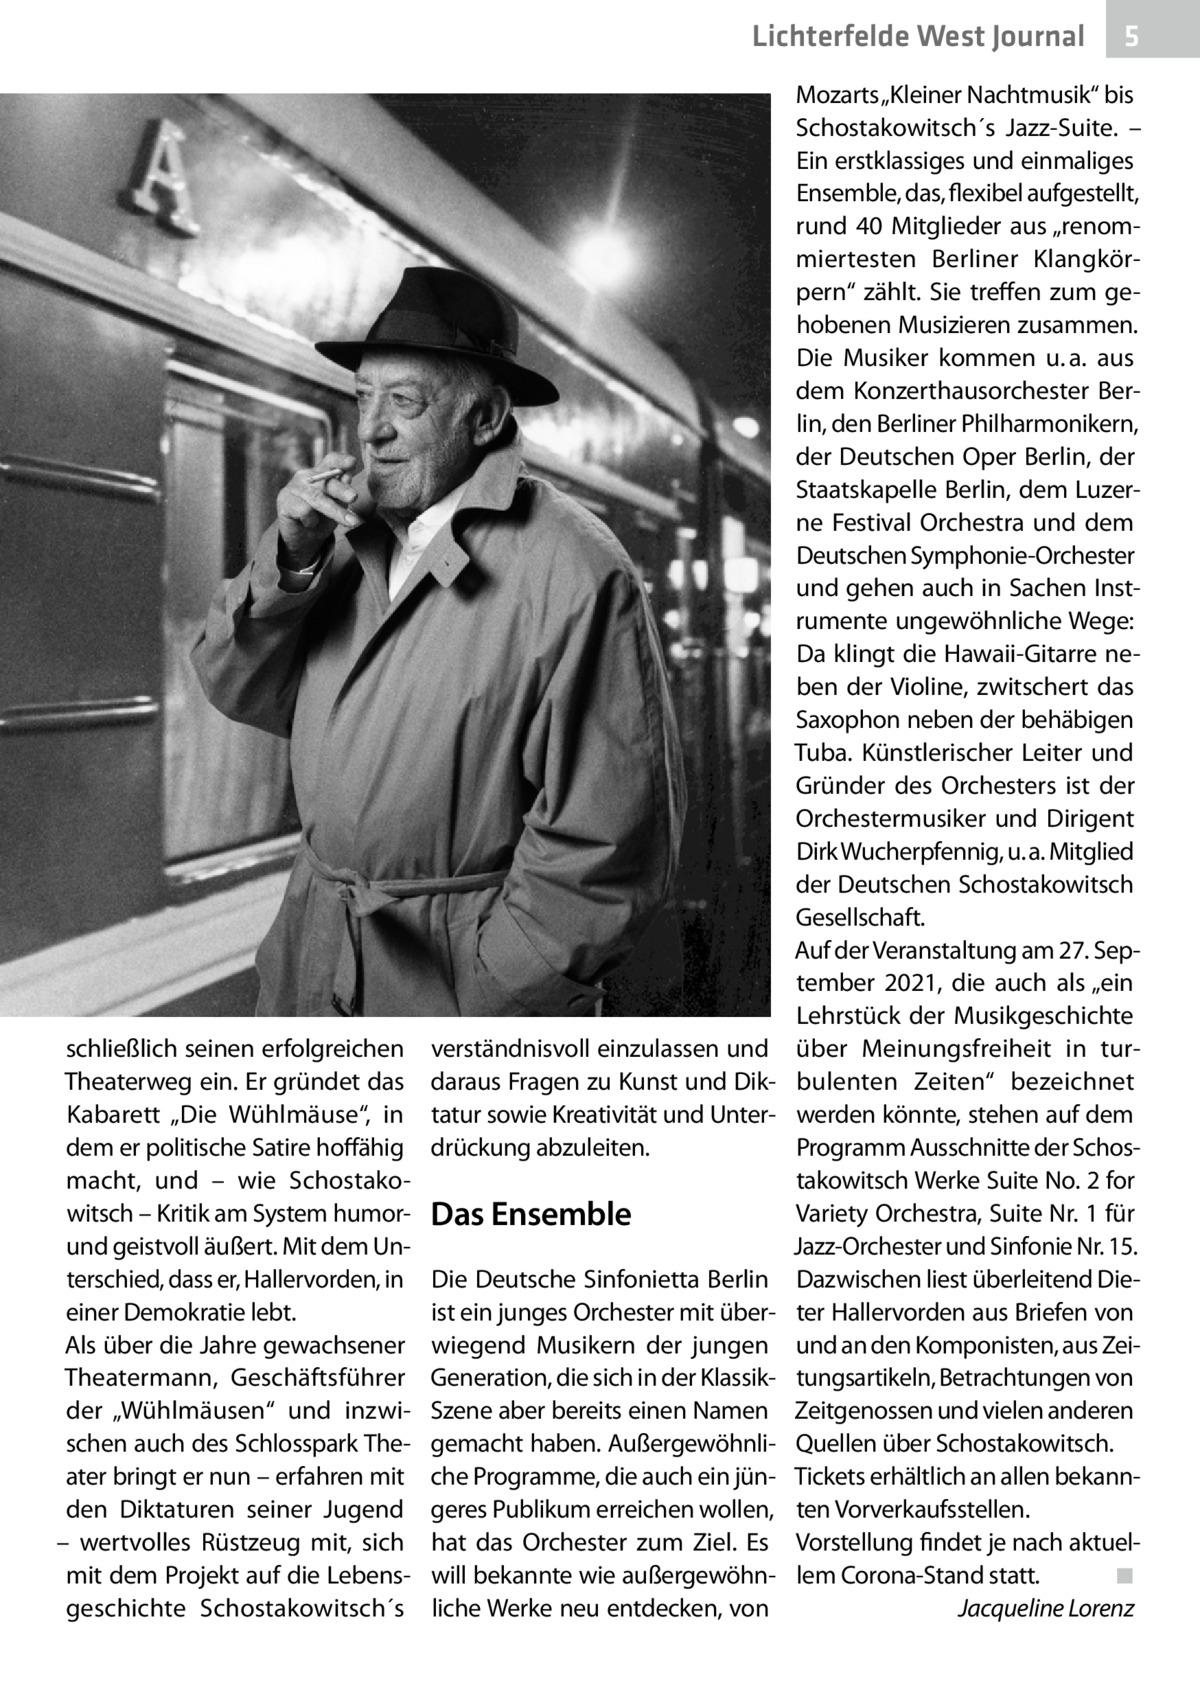 """Lichterfelde West Journal  schließlich seinen erfolgreichen Theaterweg ein. Er gründet das Kabarett """"Die Wühlmäuse"""", in dem er politische Satire hoffähig macht, und – wie Schostakowitsch – Kritik am System humorund geistvoll äußert. Mit dem Unterschied, dass er, Hallervorden, in einer Demokratie lebt. Als über die Jahre gewachsener Theatermann, Geschäftsführer der """"Wühlmäusen"""" und inzwischen auch des Schlosspark Theater bringt er nun – erfahren mit den Diktaturen seiner Jugend – wertvolles Rüstzeug mit, sich mit dem Projekt auf die Lebensgeschichte Schostakowitsch´s  verständnisvoll einzulassen und daraus Fragen zu Kunst und Diktatur sowie Kreativität und Unterdrückung abzuleiten.  Das Ensemble Die Deutsche Sinfonietta Berlin ist ein junges Orchester mit überwiegend Musikern der jungen Generation, die sich in der KlassikSzene aber bereits einen Namen gemacht haben. Außergewöhnliche Programme, die auch ein jüngeres Publikum erreichen wollen, hat das Orchester zum Ziel. Es will bekannte wie außergewöhnliche Werke neu entdecken, von  5  Mozarts """"Kleiner Nachtmusik"""" bis Schostakowitsch´s Jazz-Suite. – Ein erstklassiges und einmaliges Ensemble, das, flexibel aufgestellt, rund 40 Mitglieder aus """"renommiertesten Berliner Klangkörpern"""" zählt. Sie treffen zum gehobenen Musizieren zusammen. Die Musiker kommen u.a. aus dem Konzerthausorchester Berlin, den Berliner Philharmonikern, der Deutschen Oper Berlin, der Staatskapelle Berlin, dem Luzerne Festival Orchestra und dem Deutschen Symphonie-Orchester und gehen auch in Sachen Instrumente ungewöhnliche Wege: Da klingt die Hawaii-Gitarre neben der Violine, zwitschert das Saxophon neben der behäbigen Tuba. Künstlerischer Leiter und Gründer des Orchesters ist der Orchestermusiker und Dirigent Dirk Wucherpfennig, u.a. Mitglied der Deutschen Schostakowitsch Gesellschaft. Auf der Veranstaltung am 27.September 2021, die auch als """"ein Lehrstück der Musikgeschichte über Meinungsfreiheit in turbulenten Zeiten"""" bezeichnet werden könnte, st"""